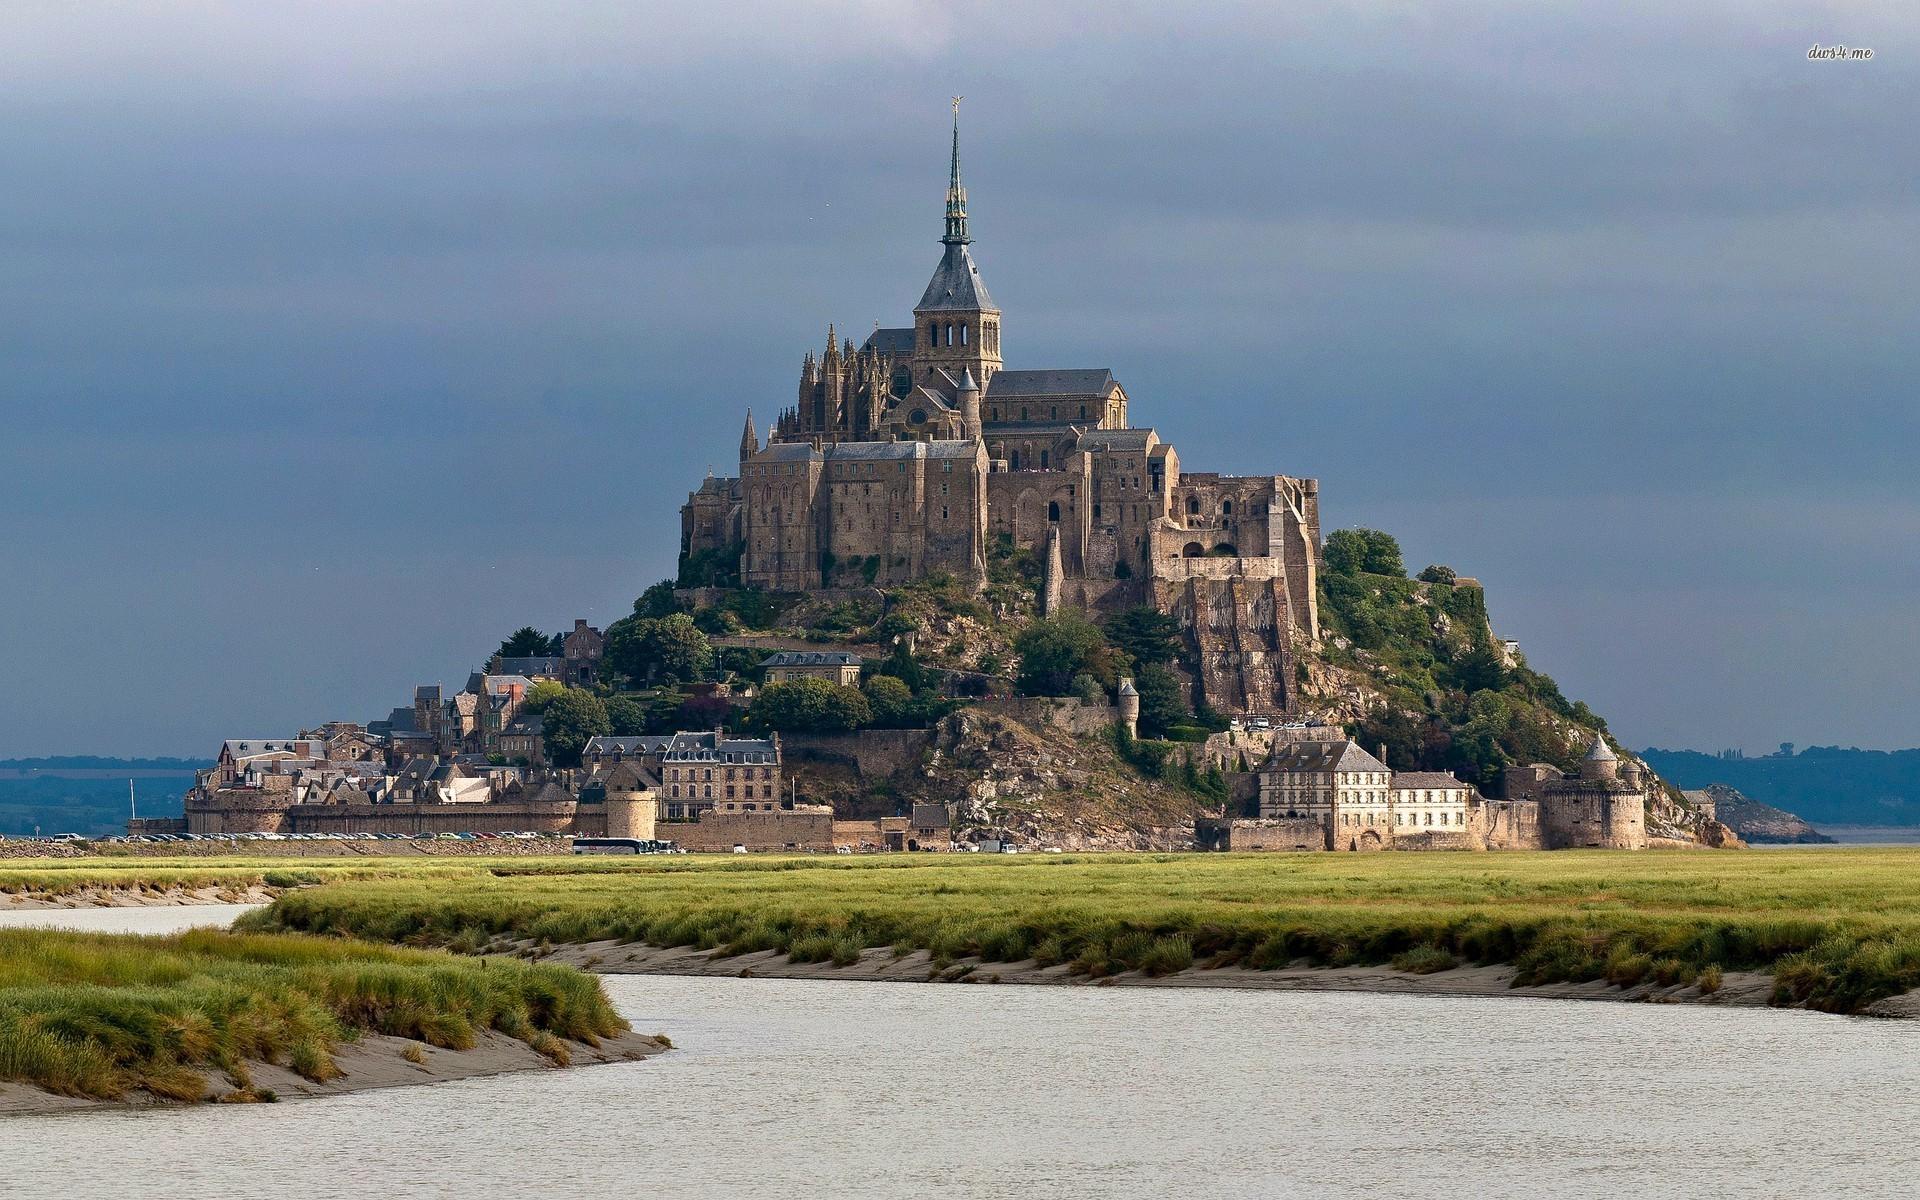 mont-saint-michel-france-normandy-europe-castle-world-1920x1200-wallpaper459439